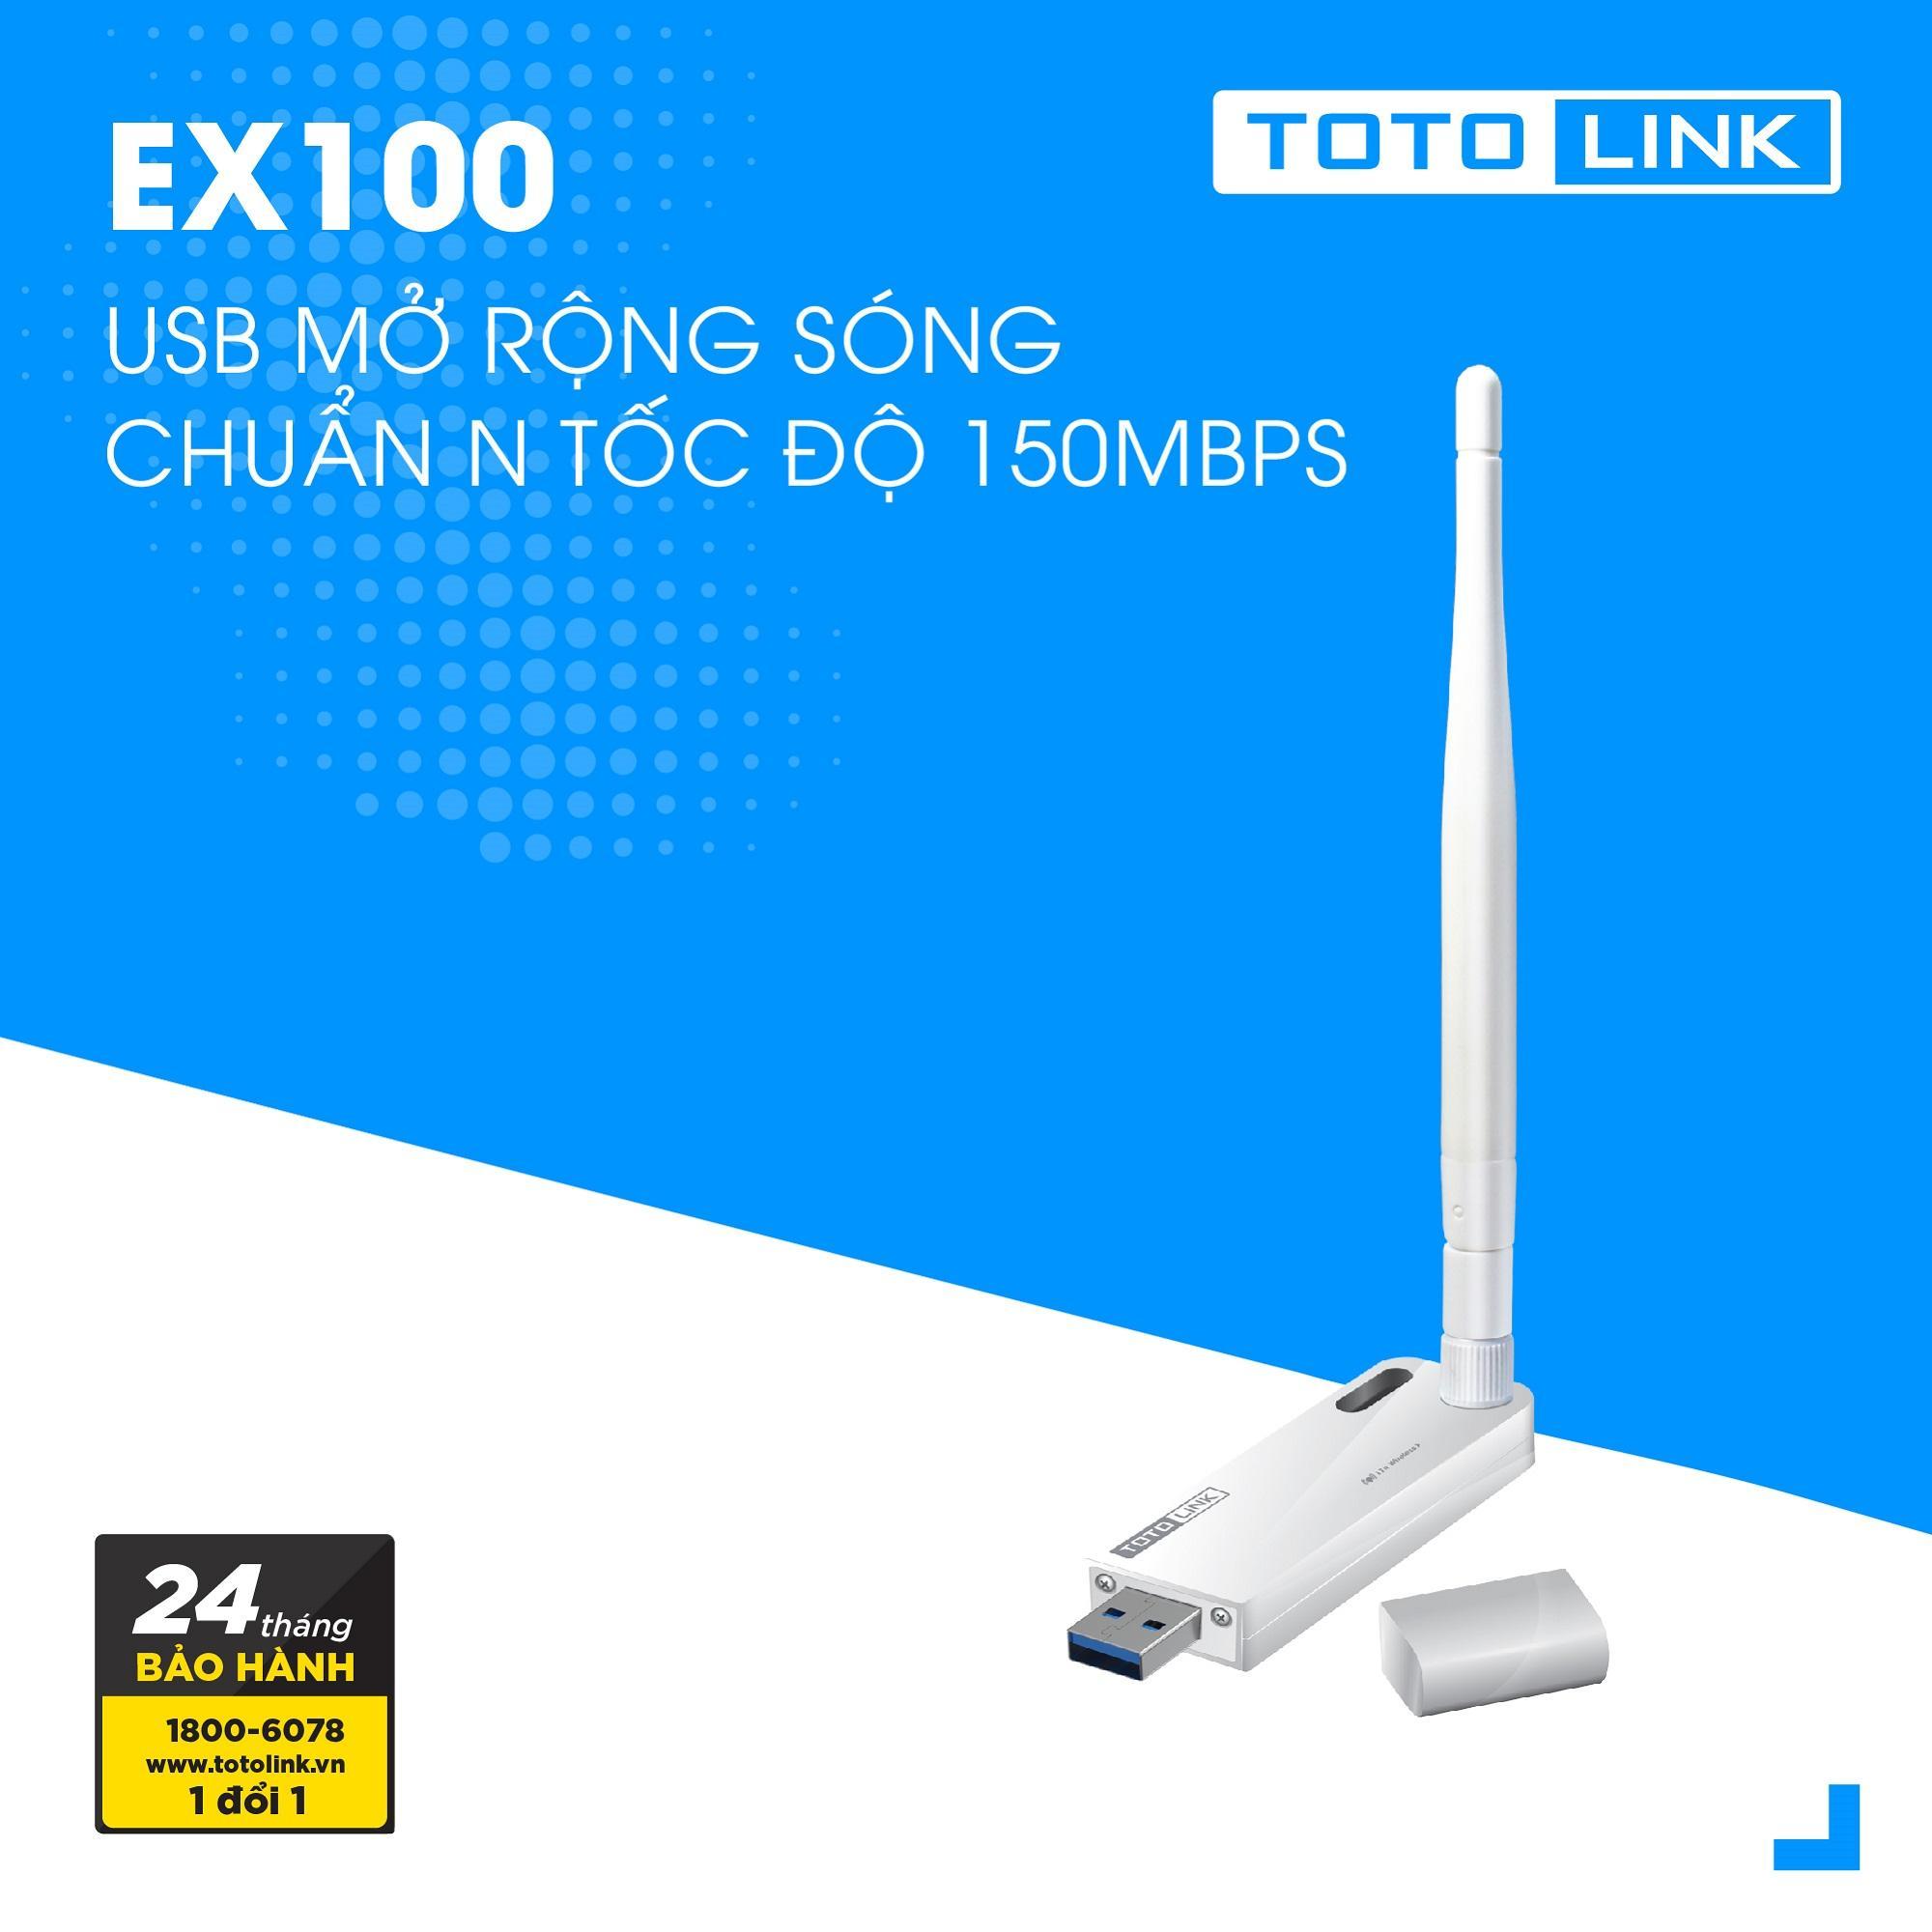 USB mở rộng sóng chuẩn N tốc độ 150Mpbs - EX100 - TOTOLINK